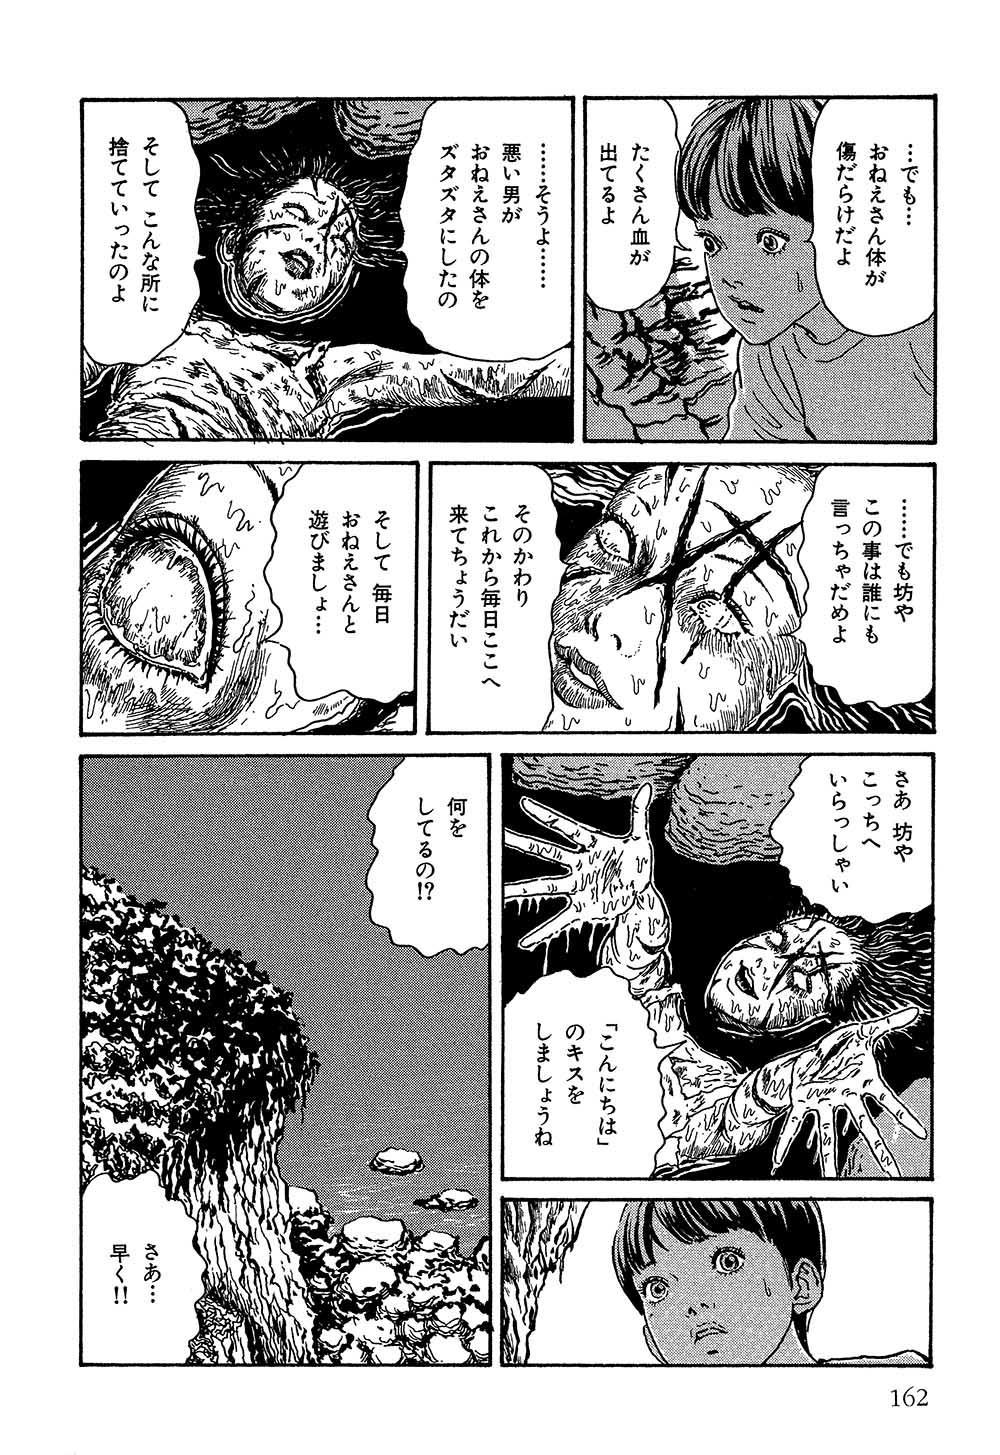 itouj_0002_0164.jpg